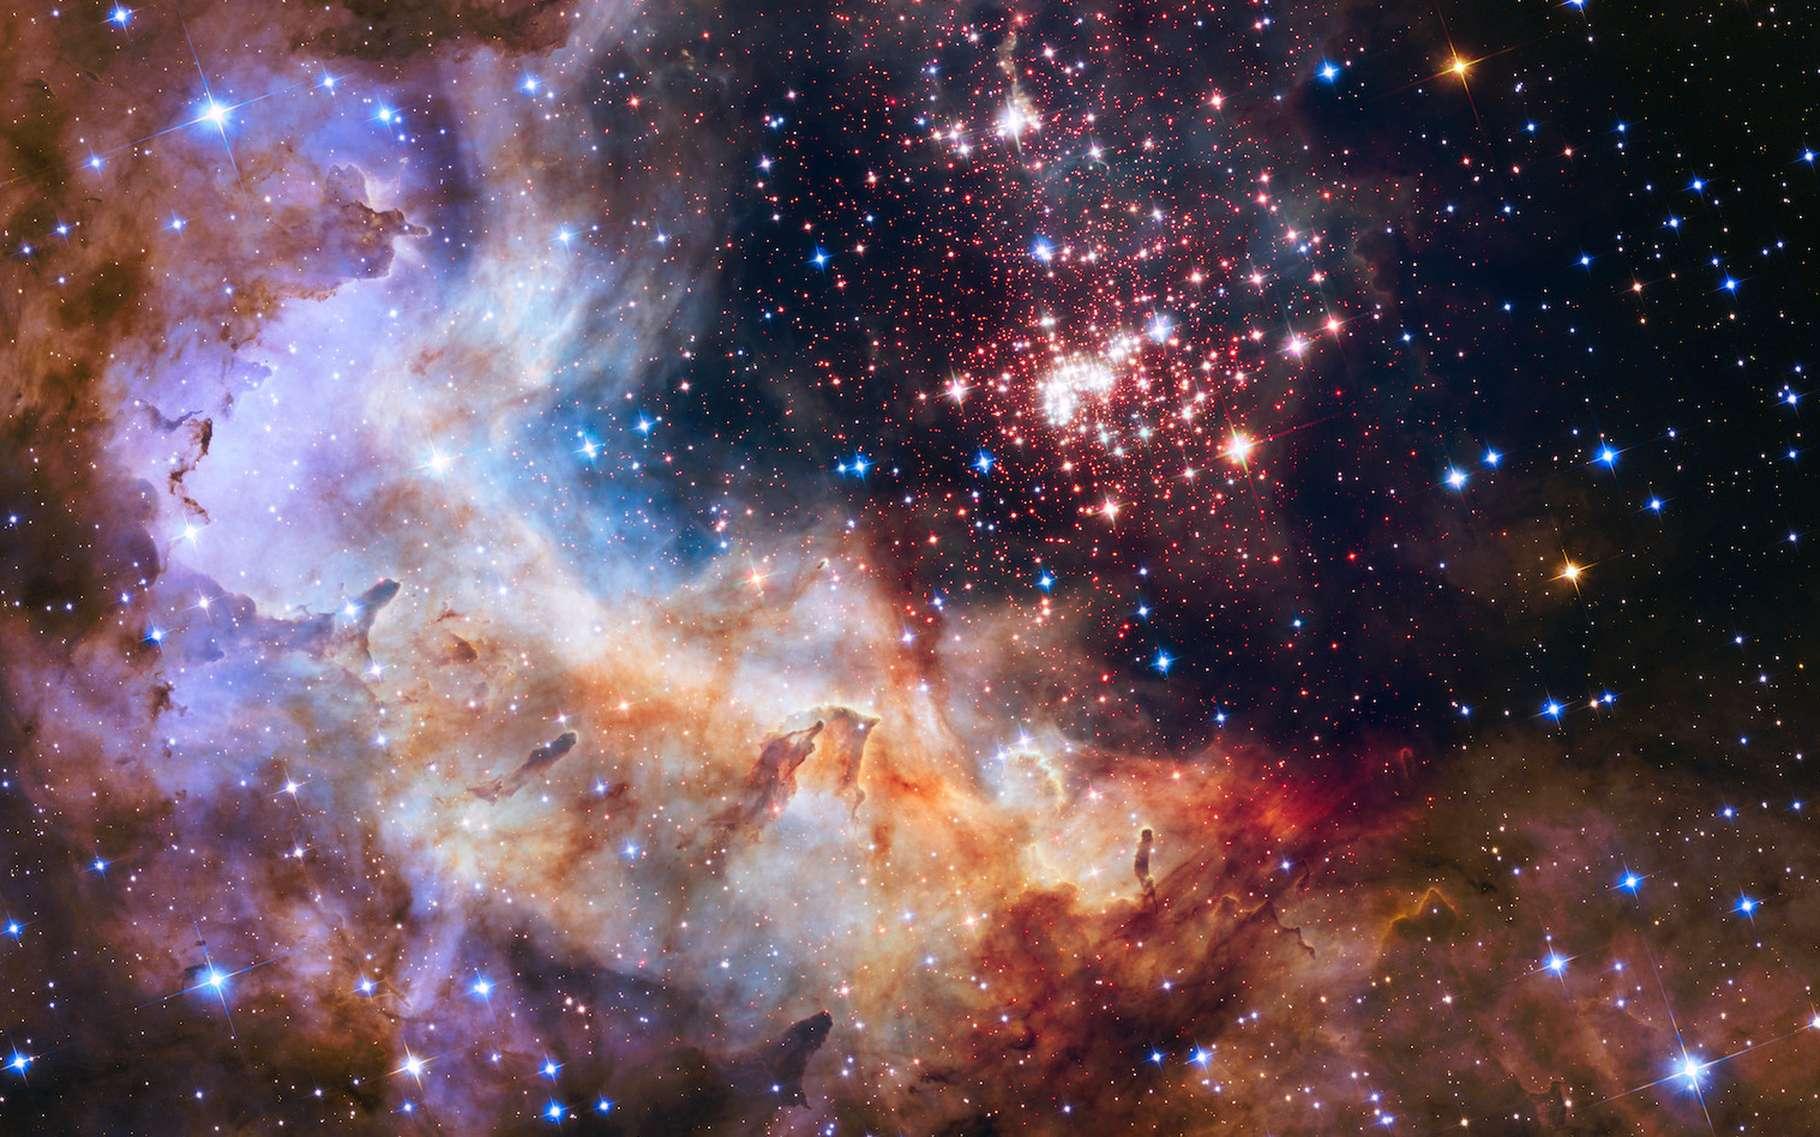 L'amas stellaire Westerlund 2 a été étudié par des astronomes grâce à des images prises par le télescope spatial Hubble. De quoi découvrir à quel point la présence d'étoiles massives dans une région peut perturber l'environnement des autres étoiles. © The Hubble Heritage Team (STScI/AURA), A. Nota (ESA/STScI), and the Westerlund 2 Science Team, Nasa, ESA